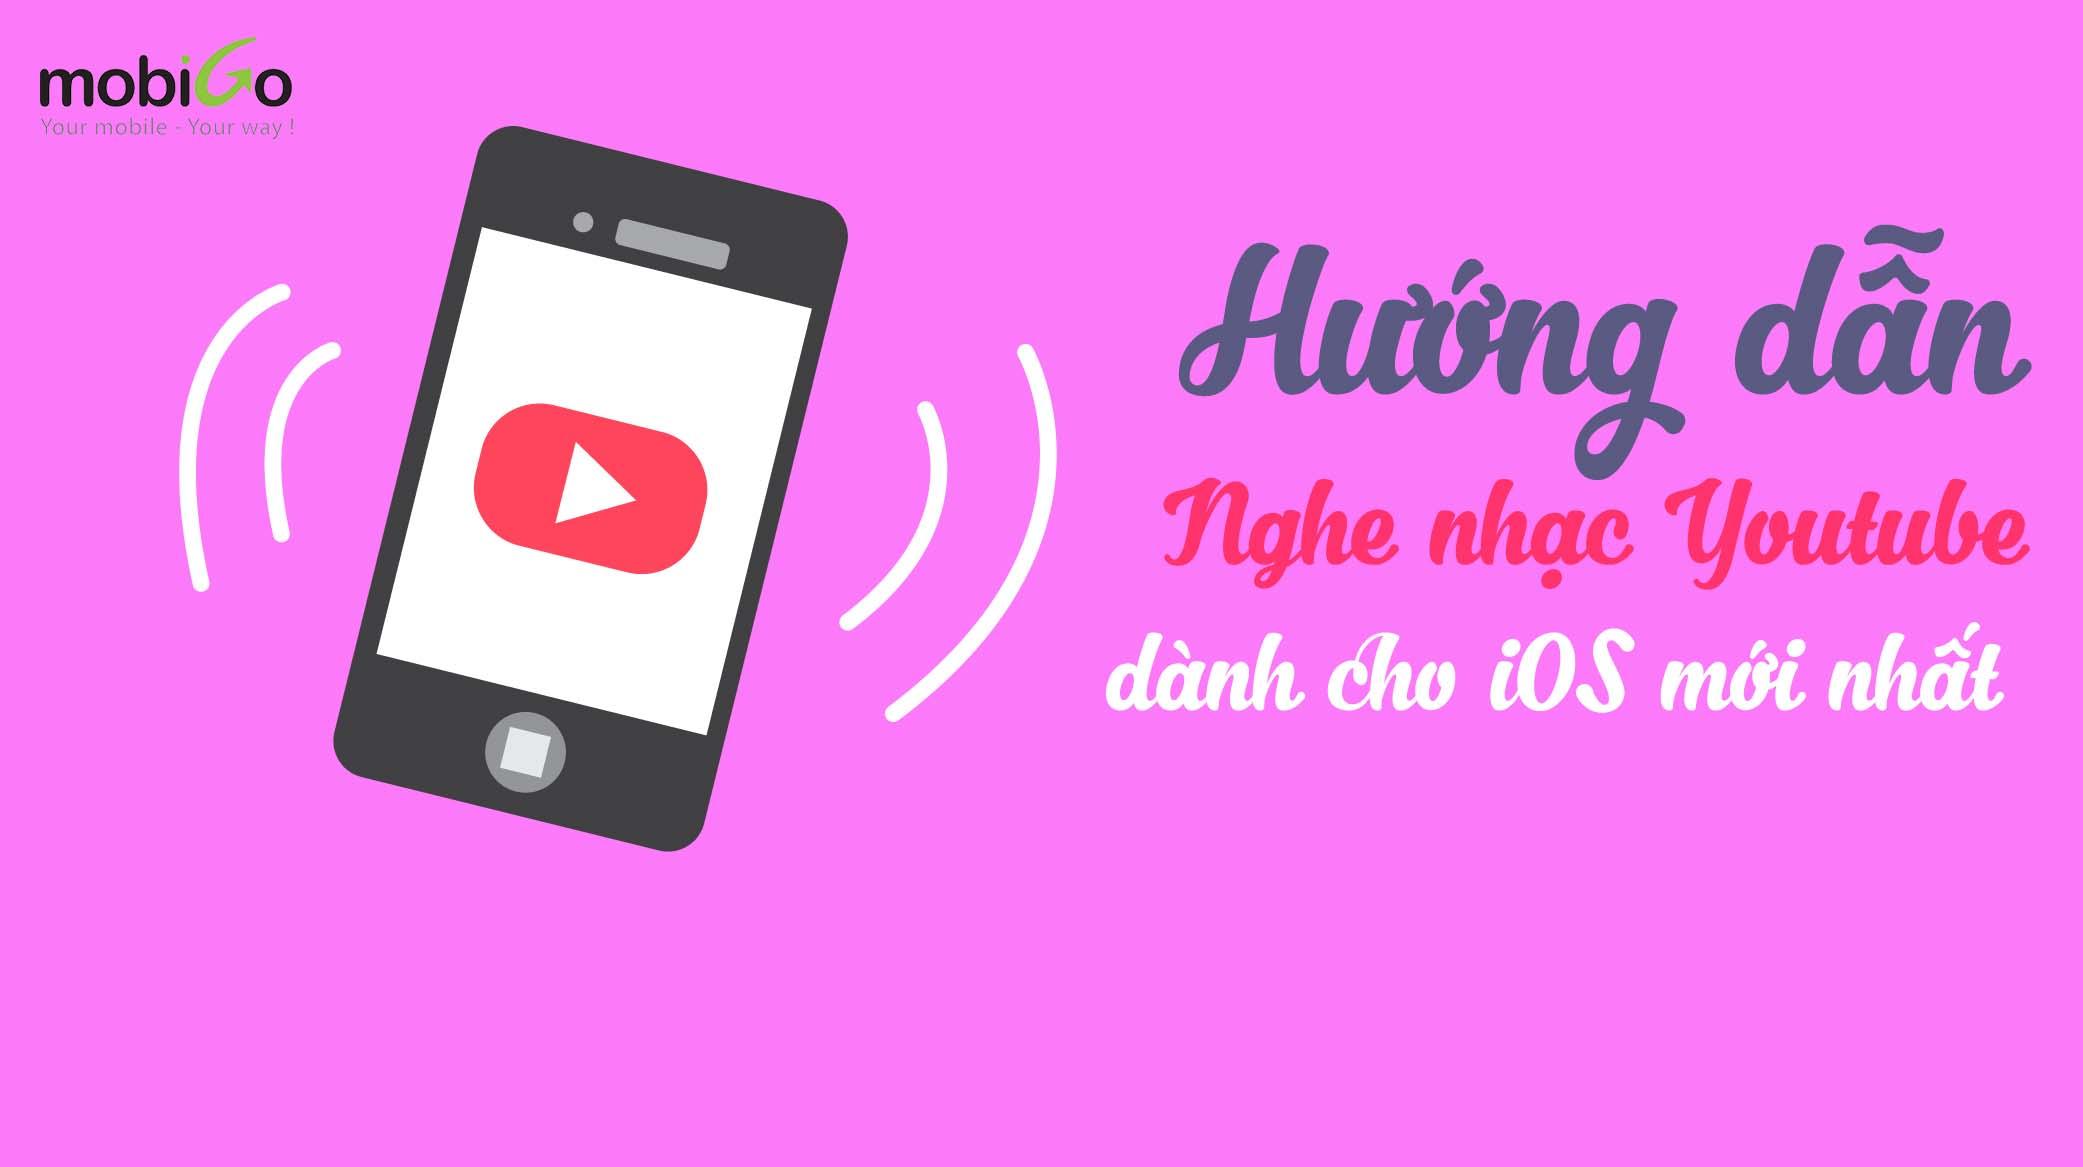 hướng dẫn cách nghe nhạc youtube khi tắt màn hình cho ios mới nhất